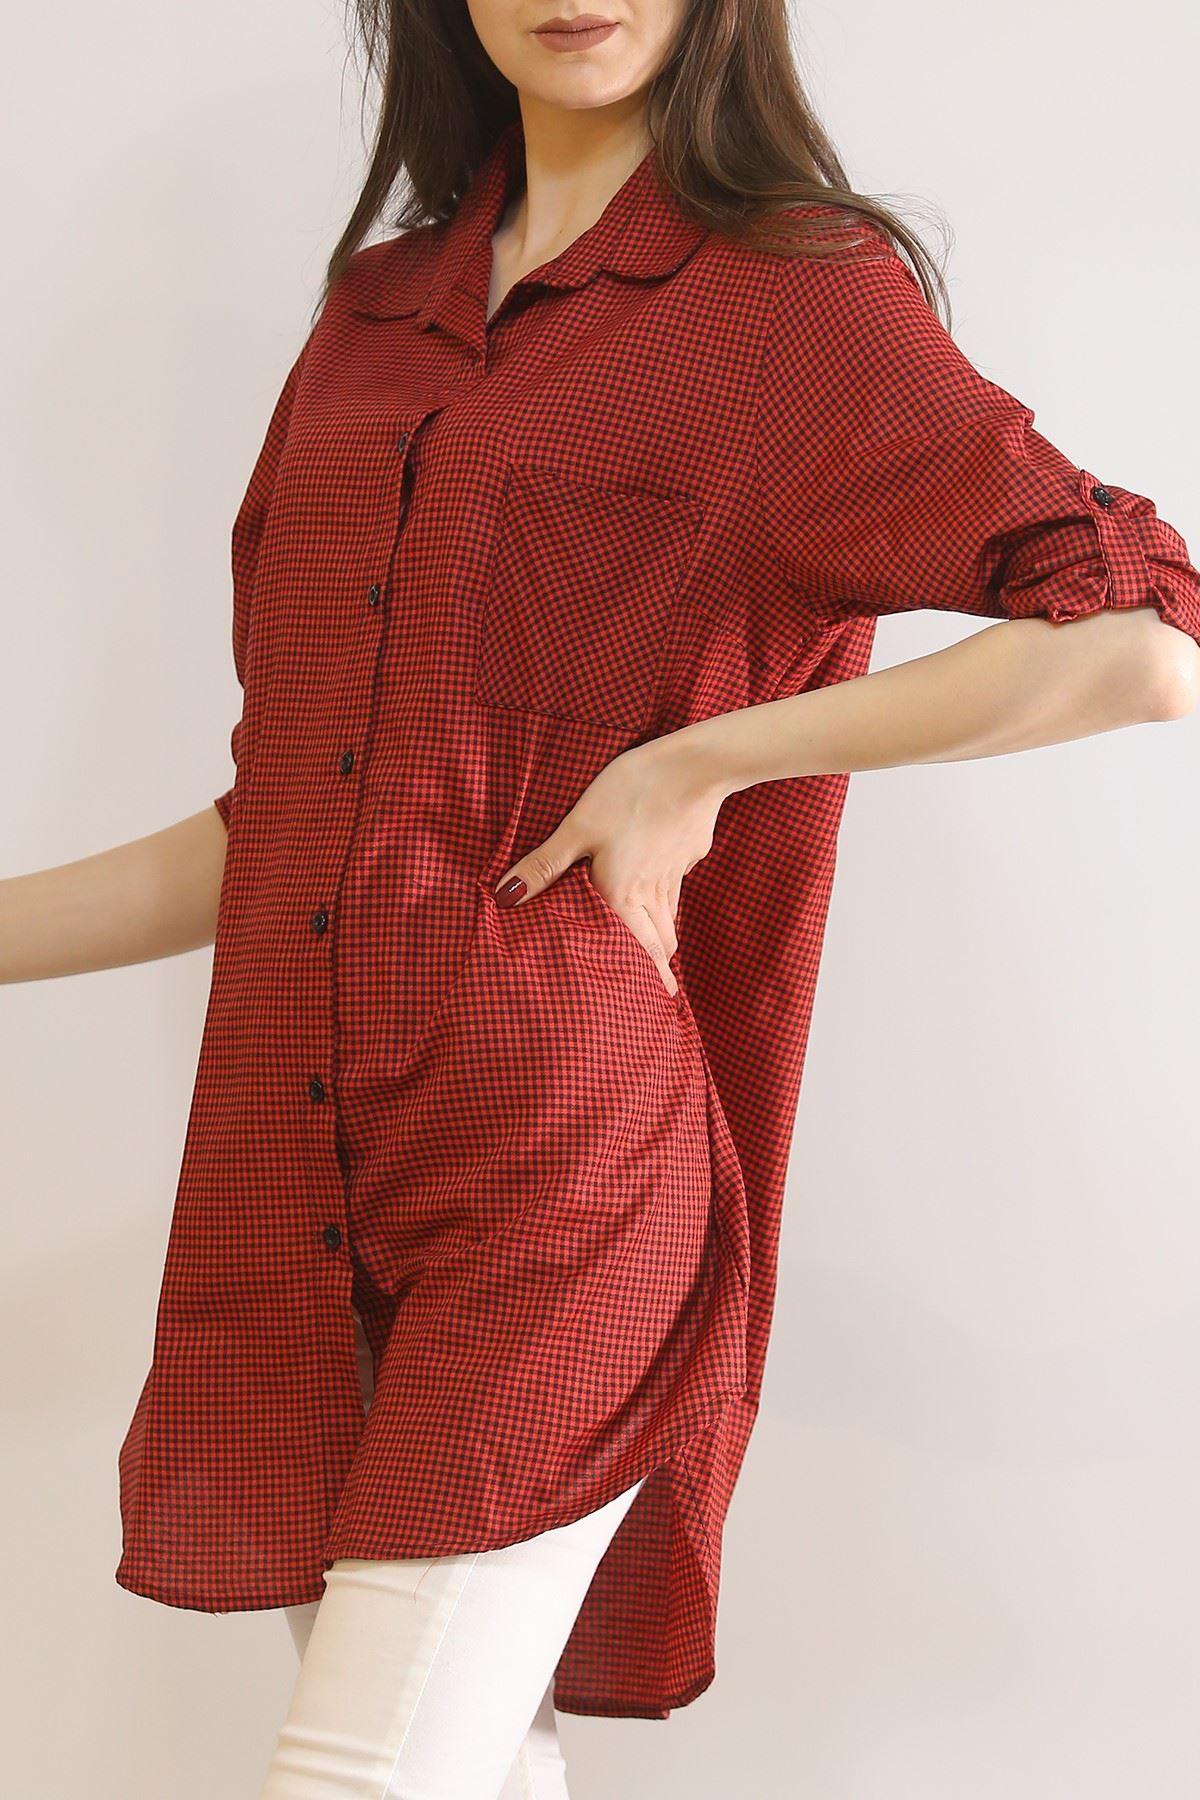 Önü Patlı Tunik Gömlek Kırmızı - 5904.1376.